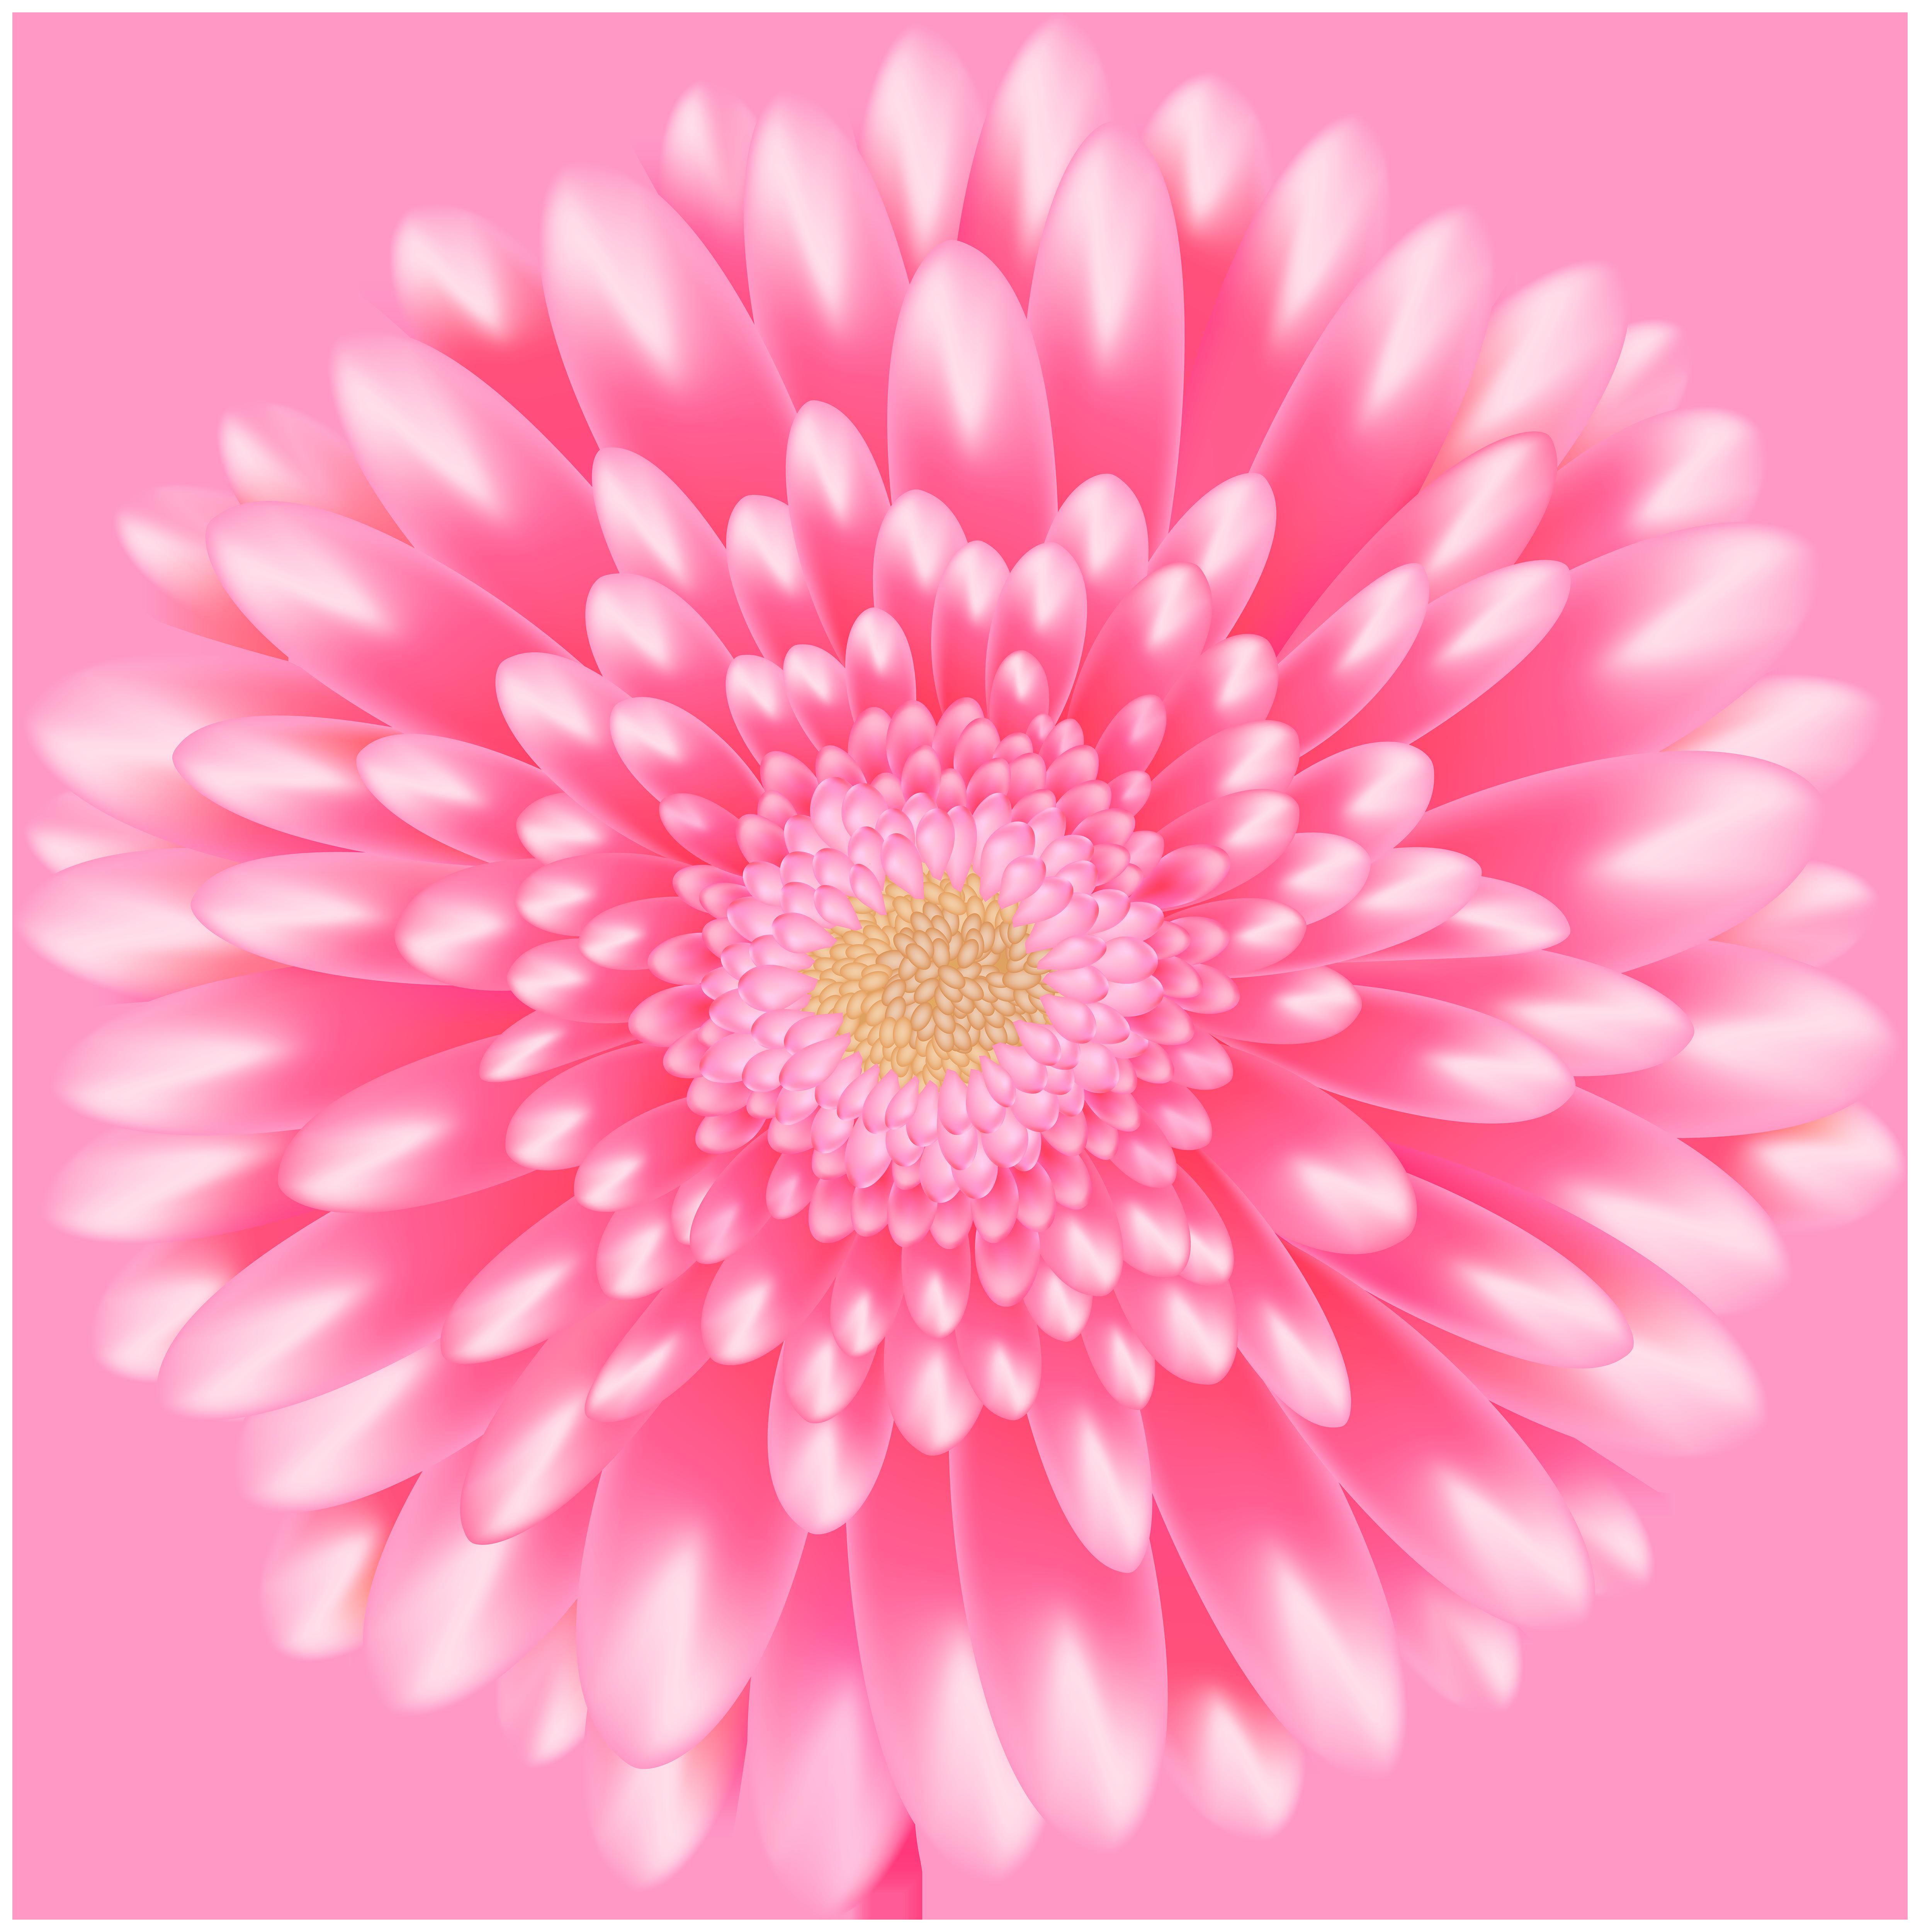 Flower Pink Transparent Clip Art Image.